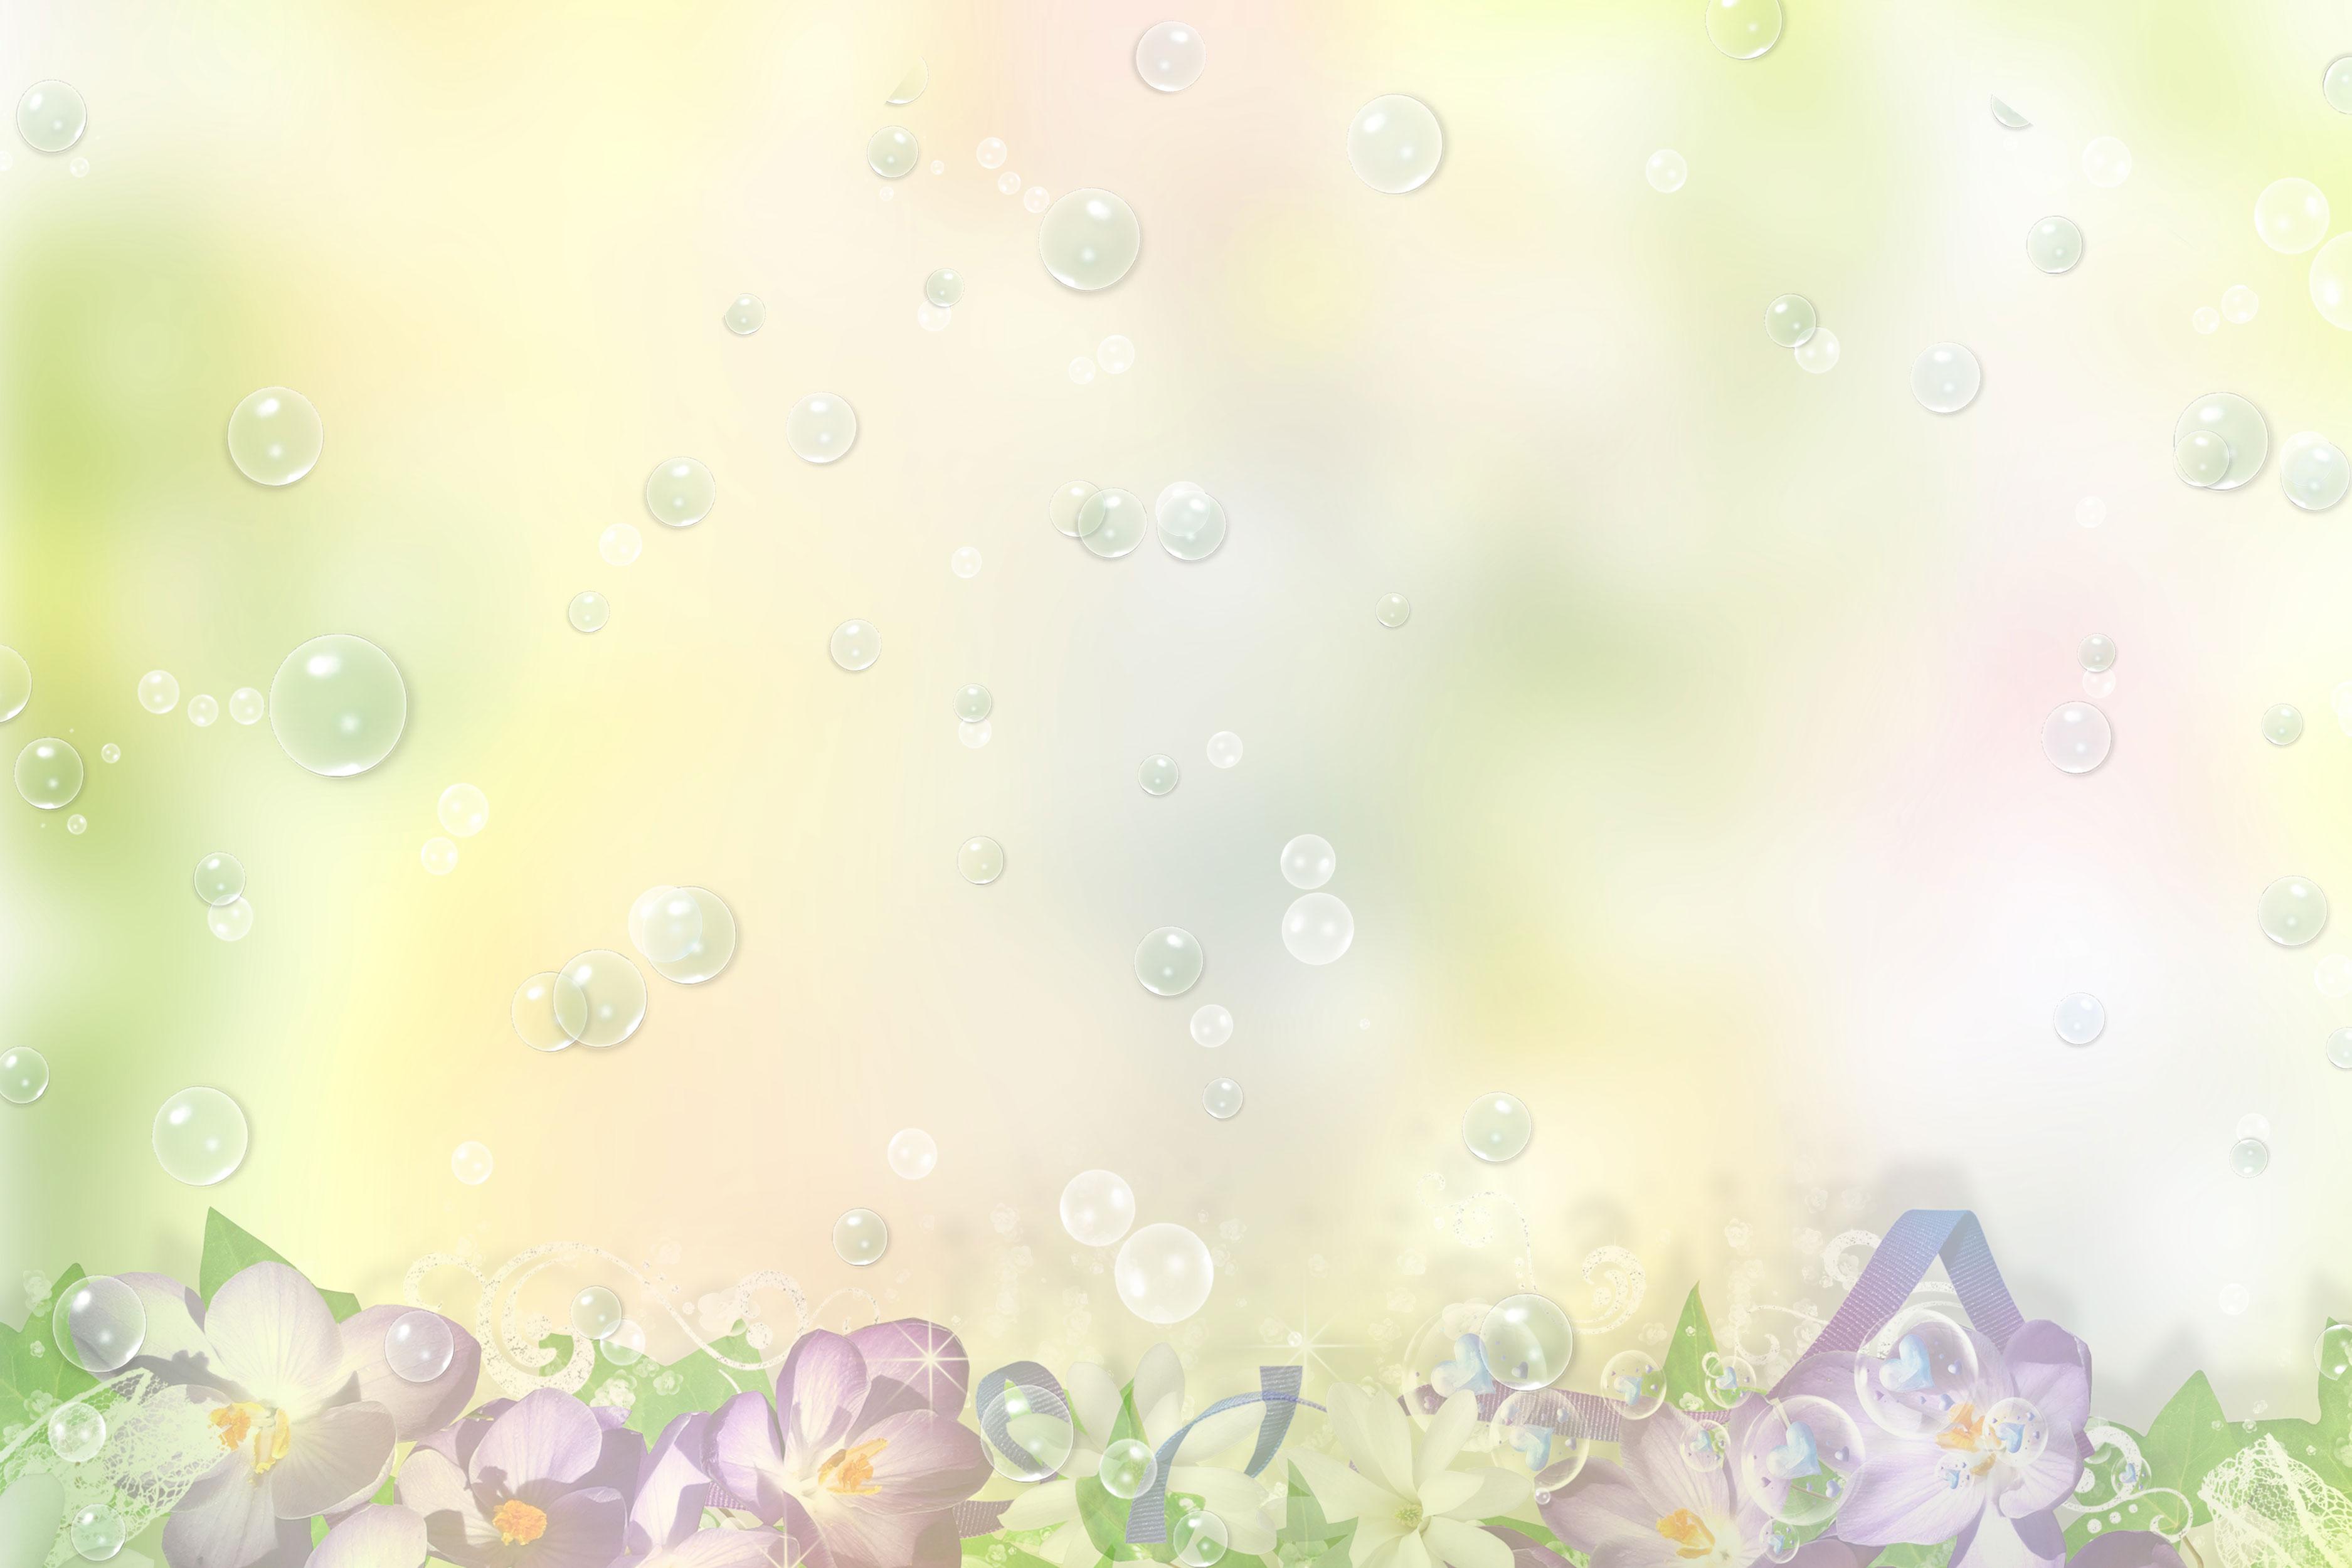 花のイラスト・フリー素材/壁紙・背景no.067『淡い色彩・紫・シャボン』